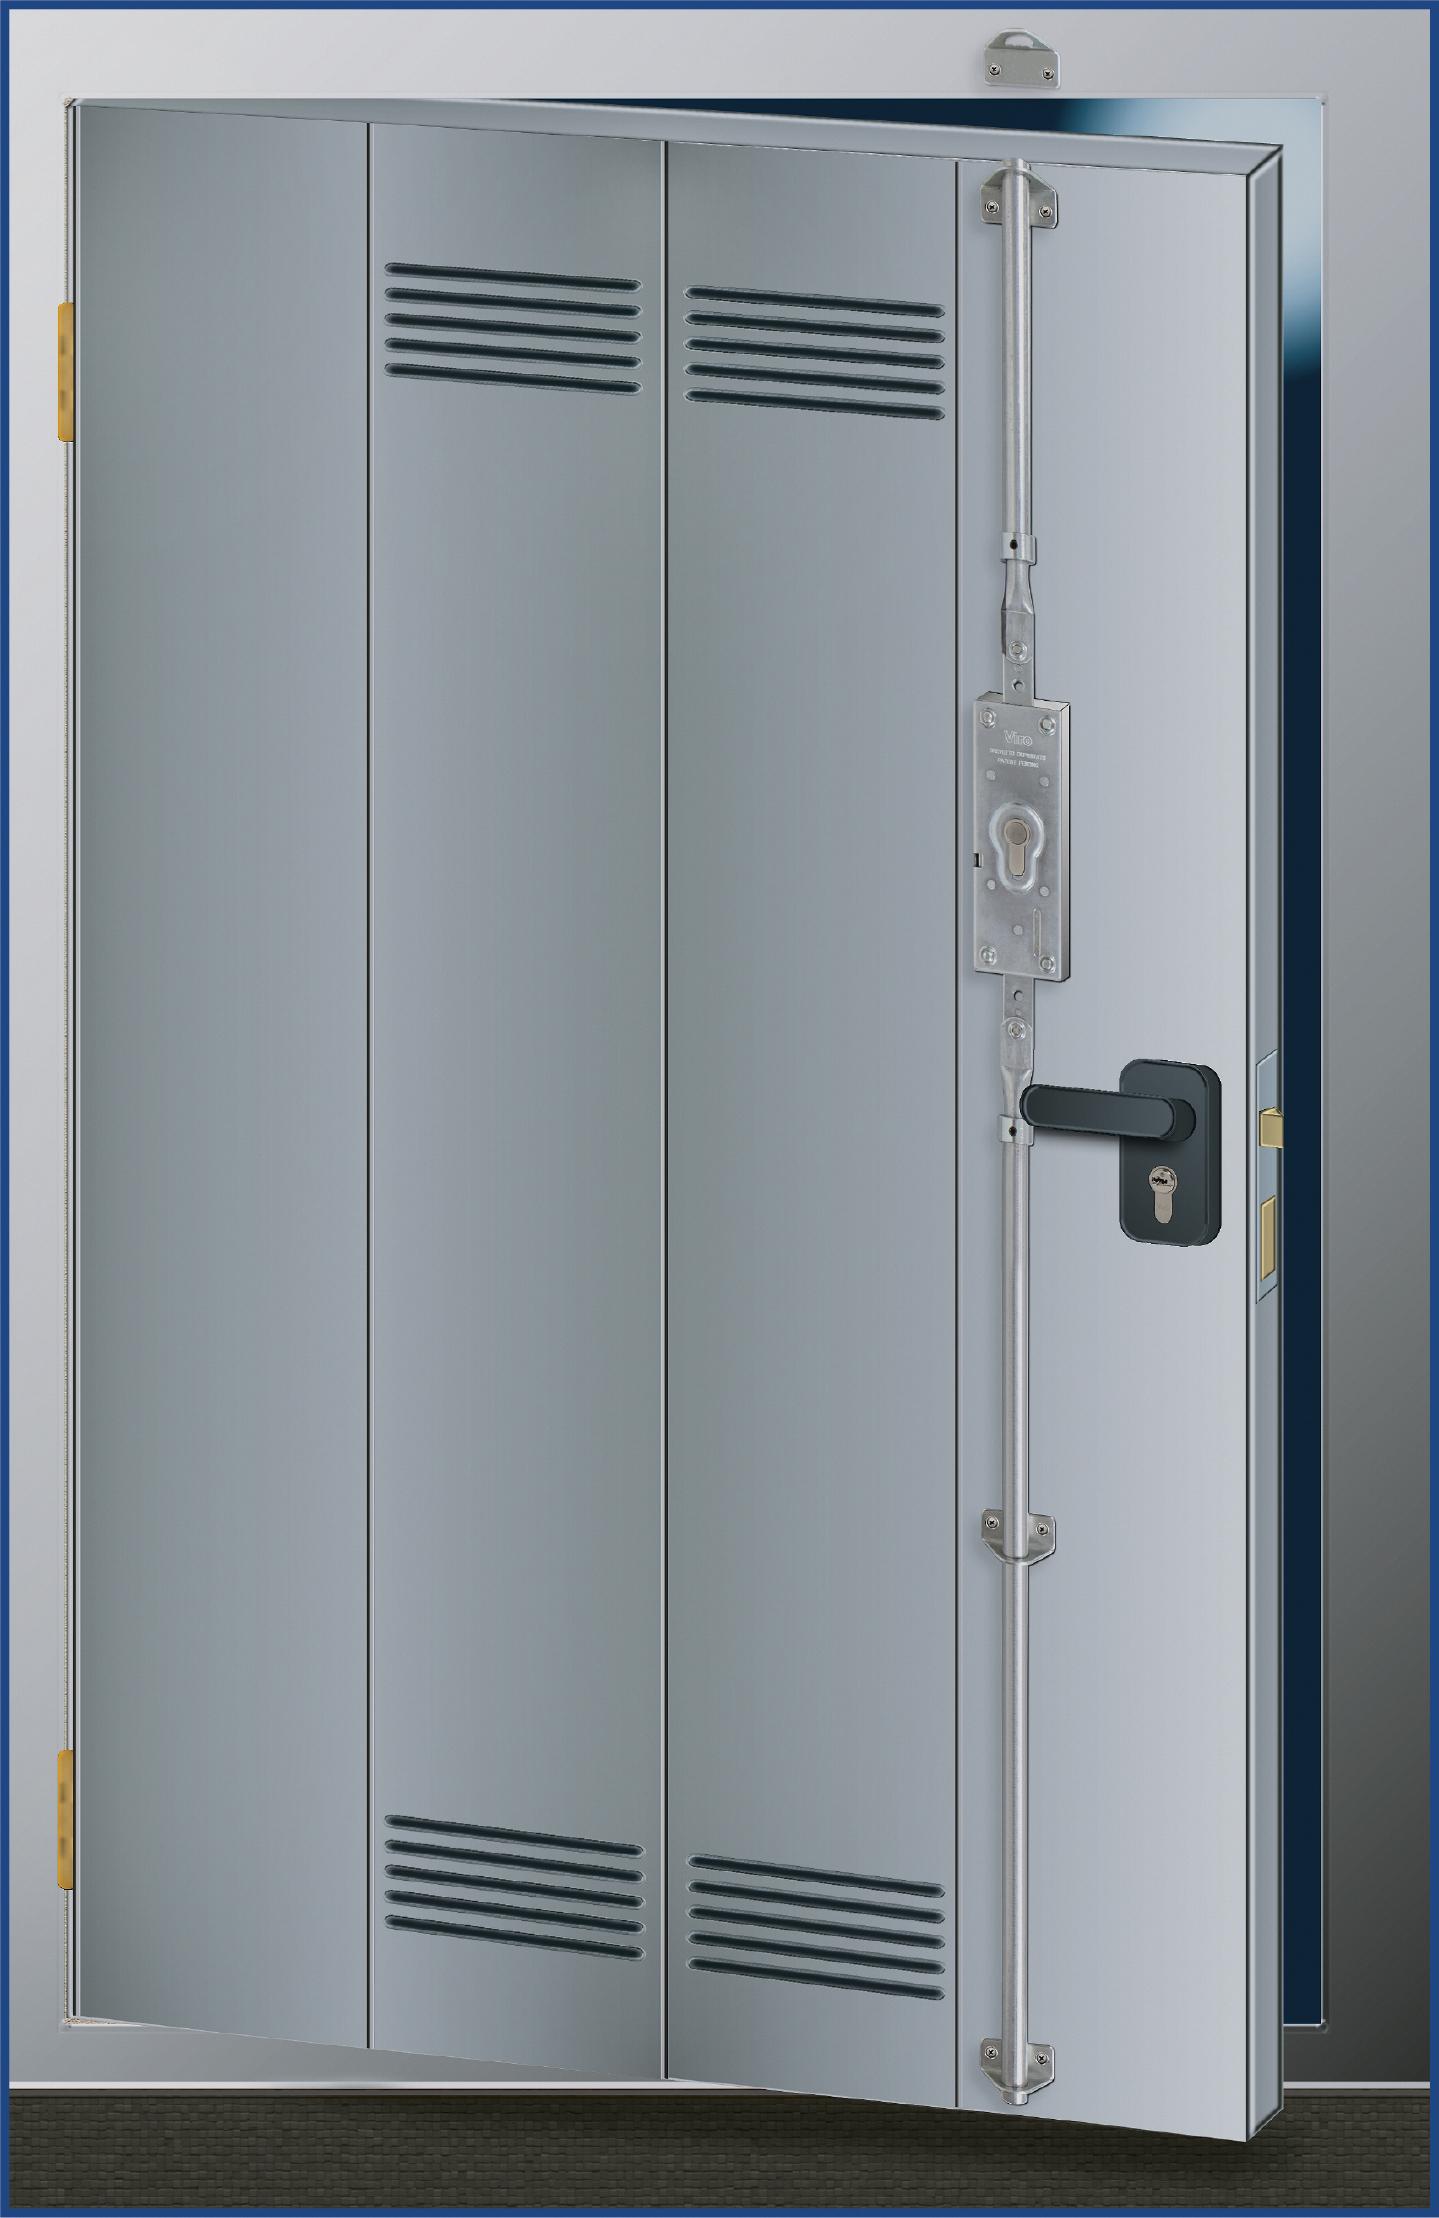 Schema Elettrico Per Saracinesca : Serie con rosetta di sicurezza e predisposte per cilindro